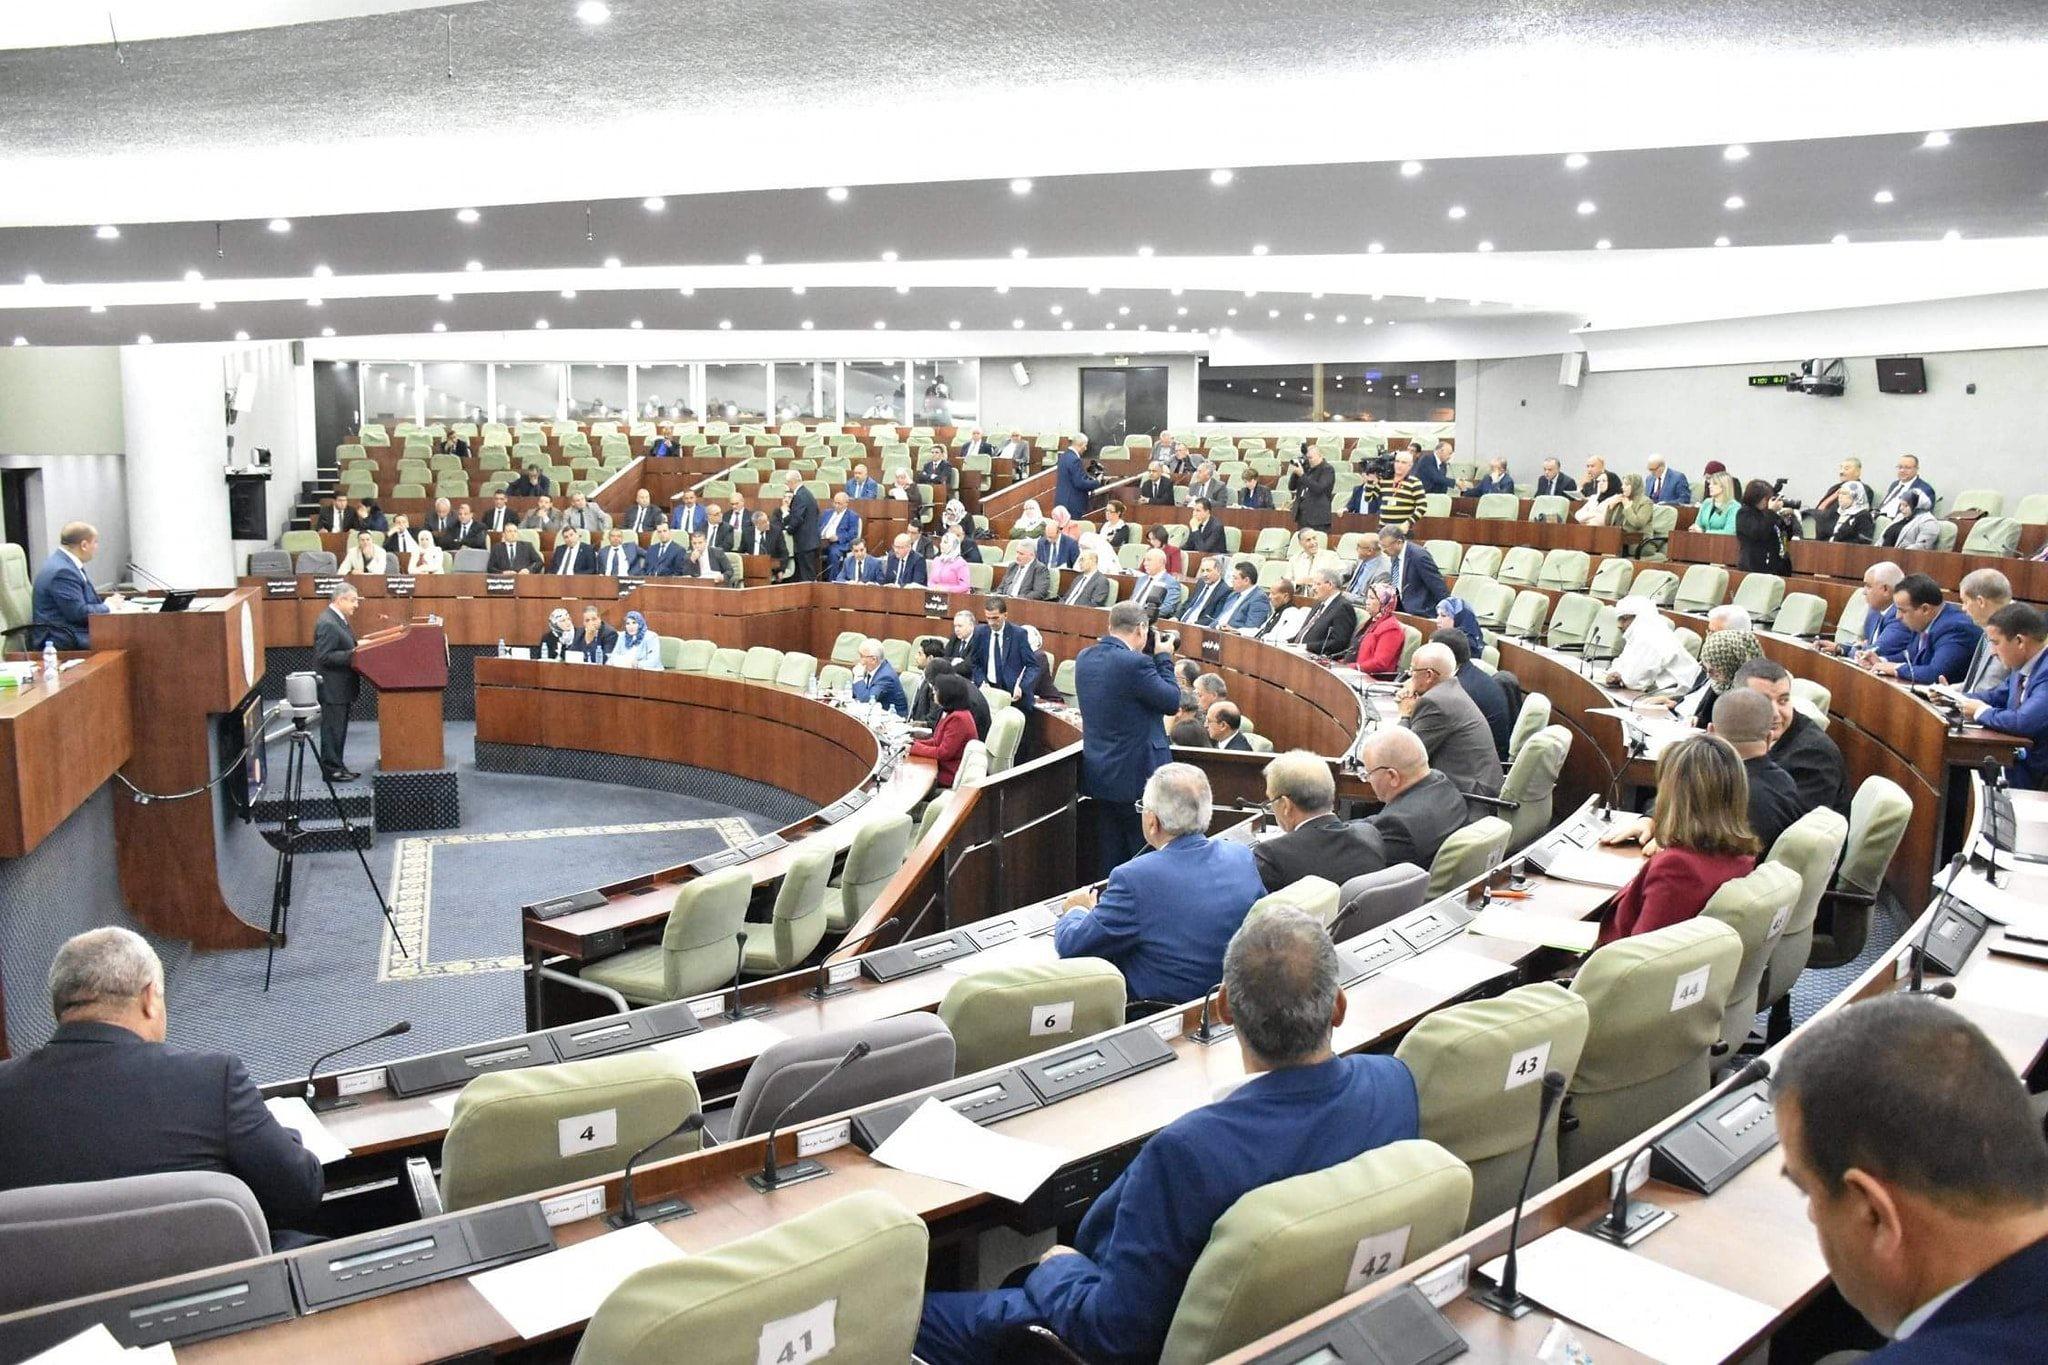 صورة وزير المالية يعرض مشروع قانون المالية أمام كراسي شبه فارغة